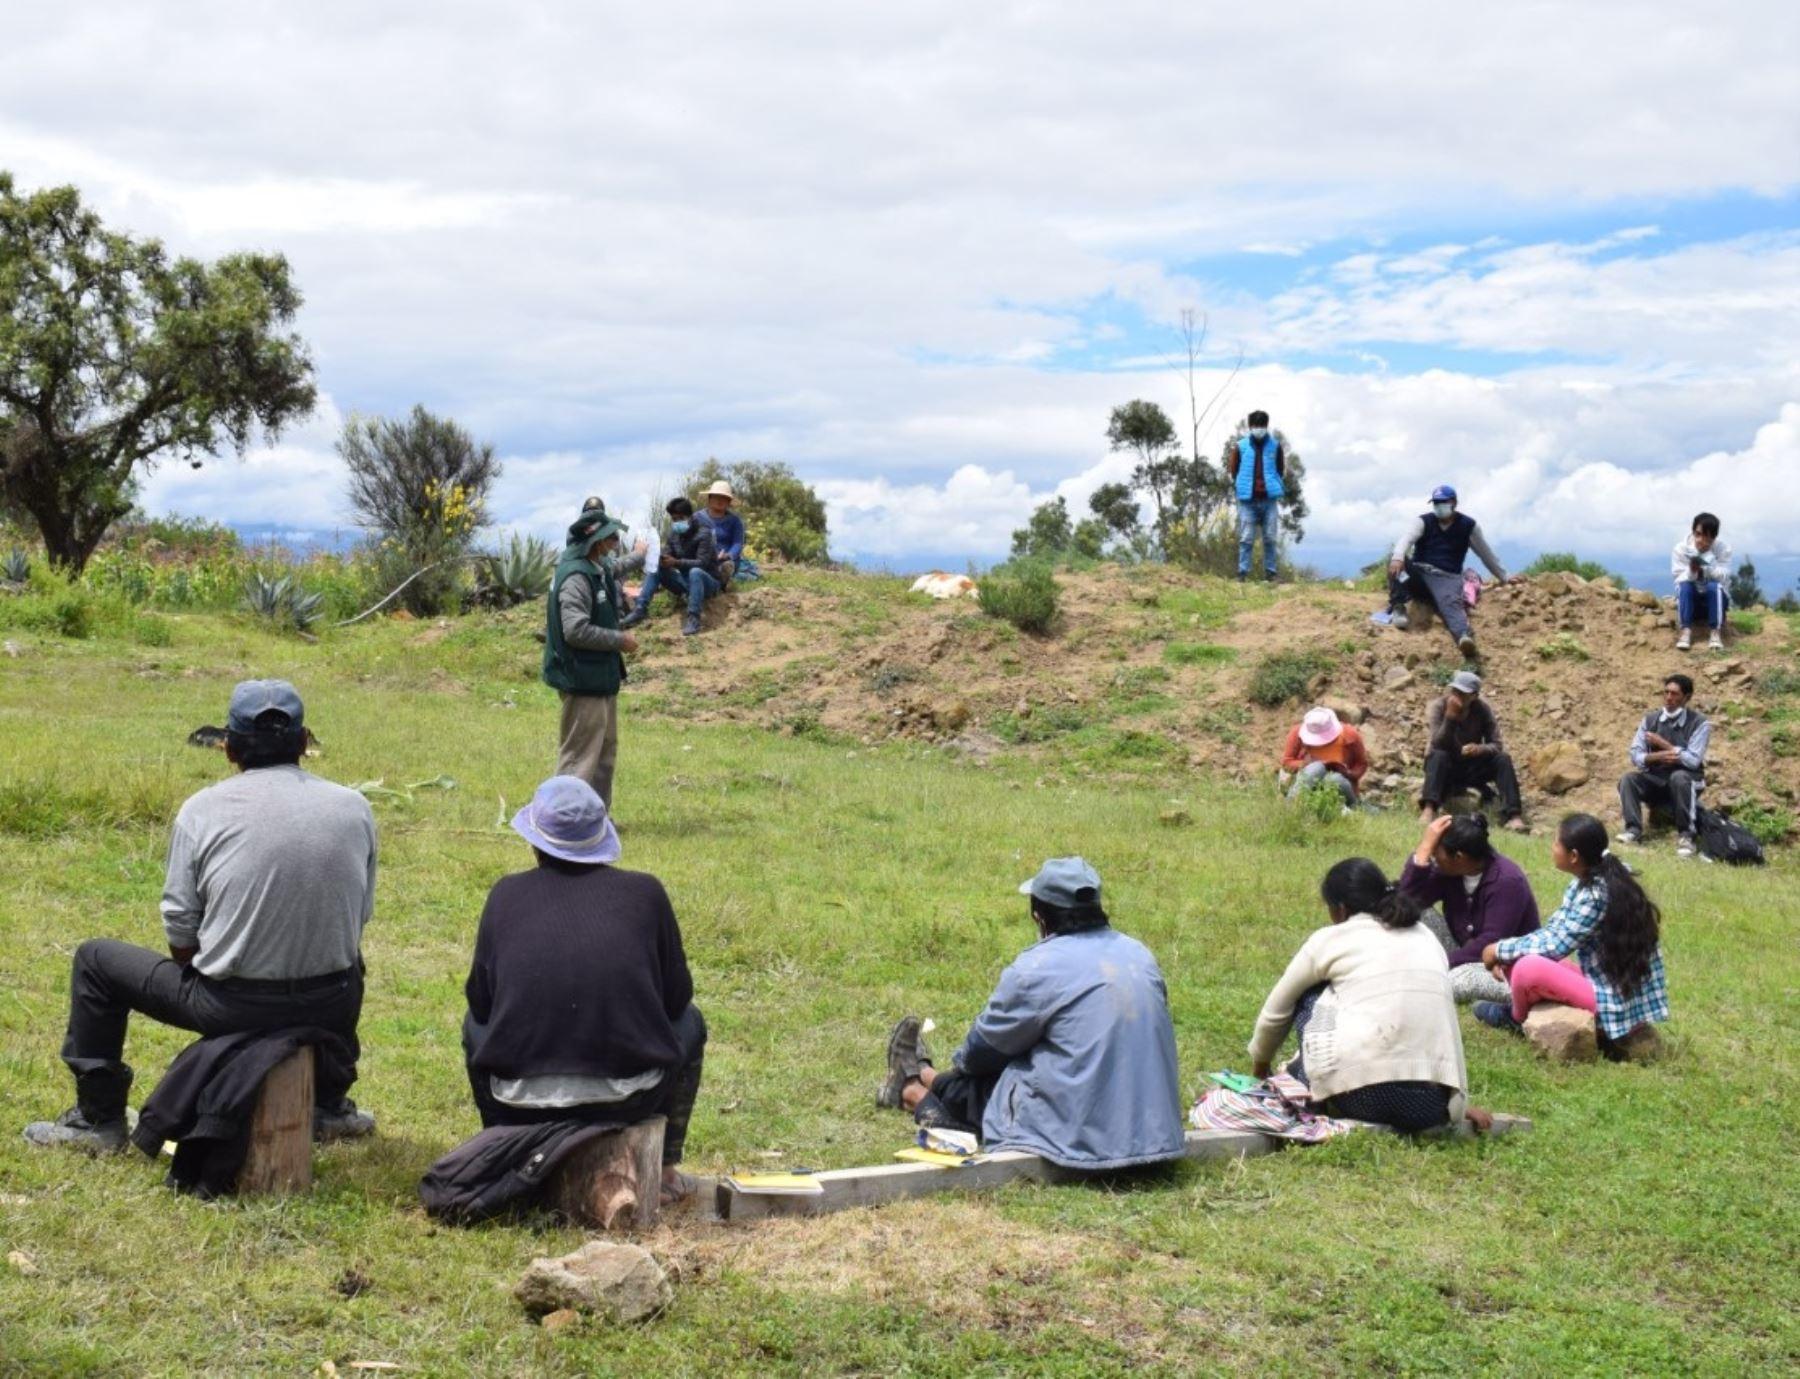 Especialistas del INIA capacitaron a agricultores de Ayacucho en el cuidado del cultivo de maíz para prevenir plagas y enfermedades.